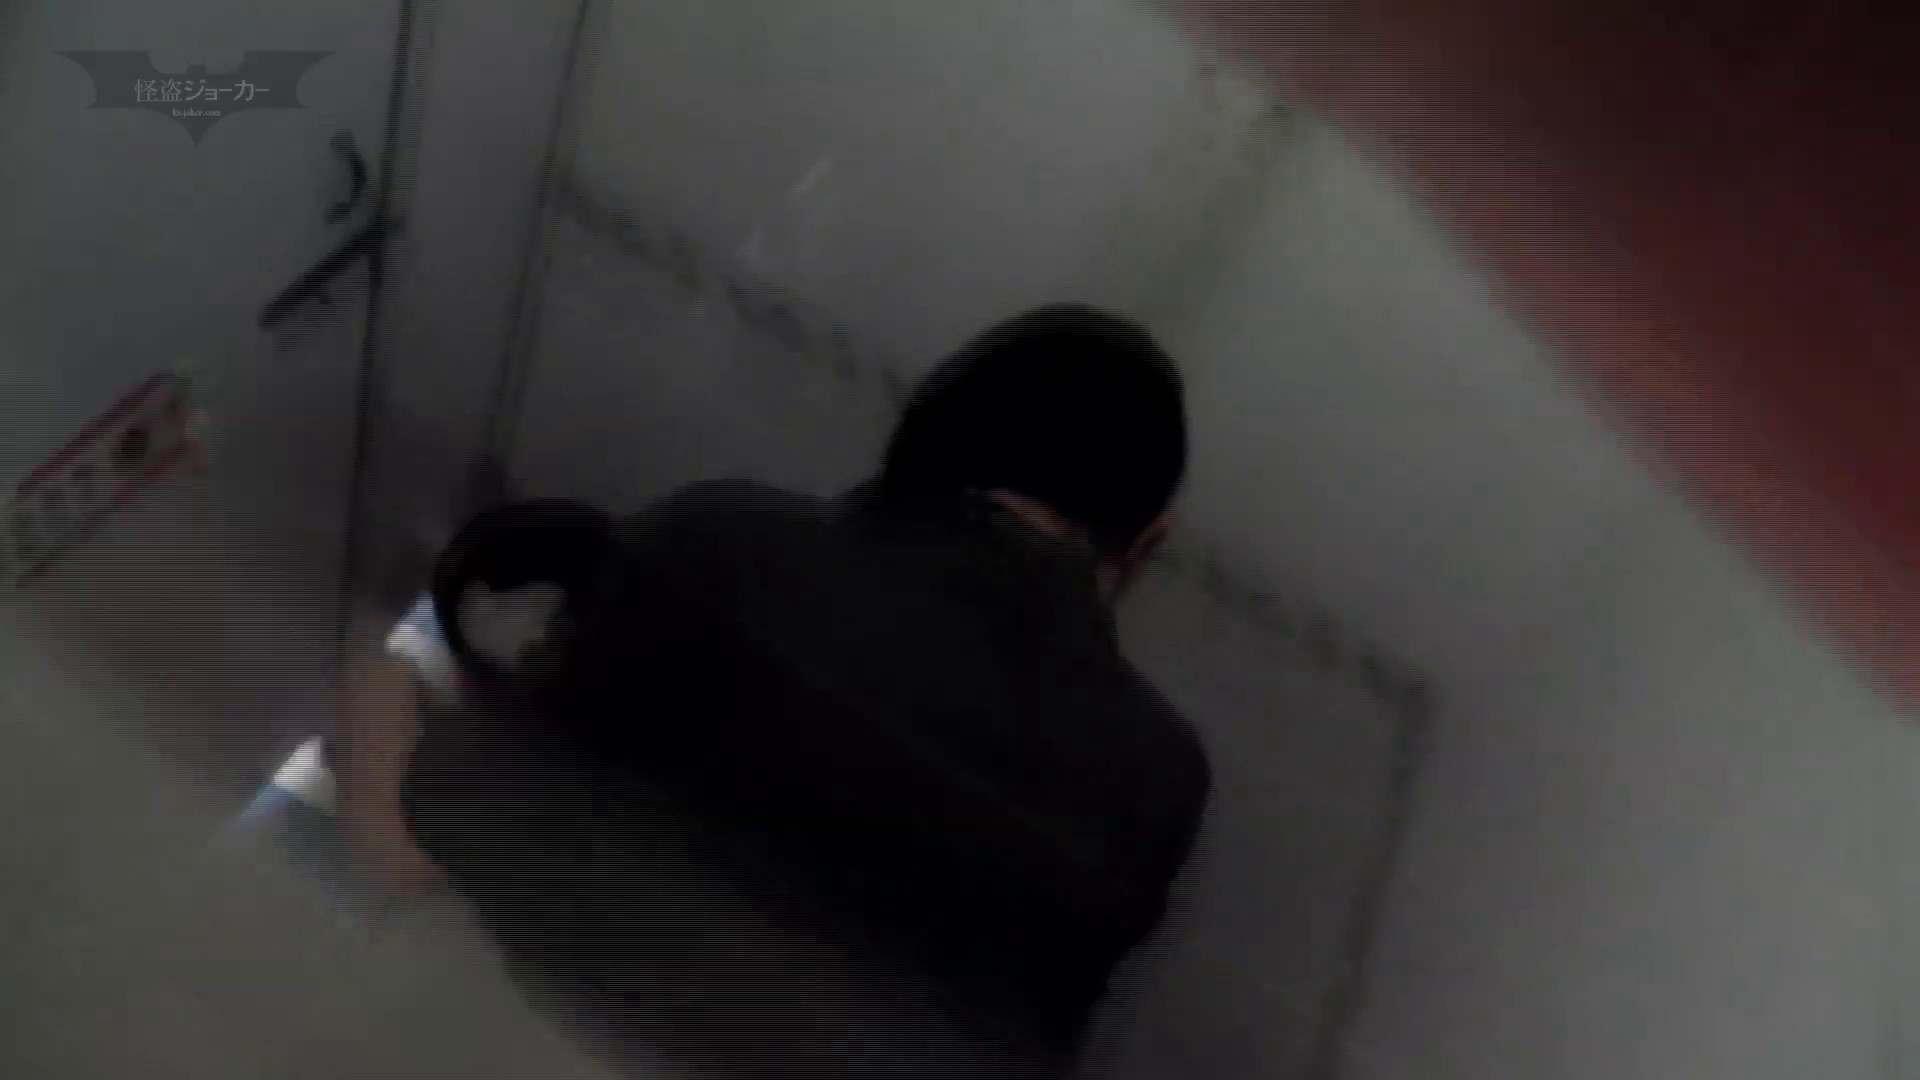 下からノゾム vol.031 扉を壊しみたら、漏れそうな子が閉じずに入ってくれた OL女体  89連発 62